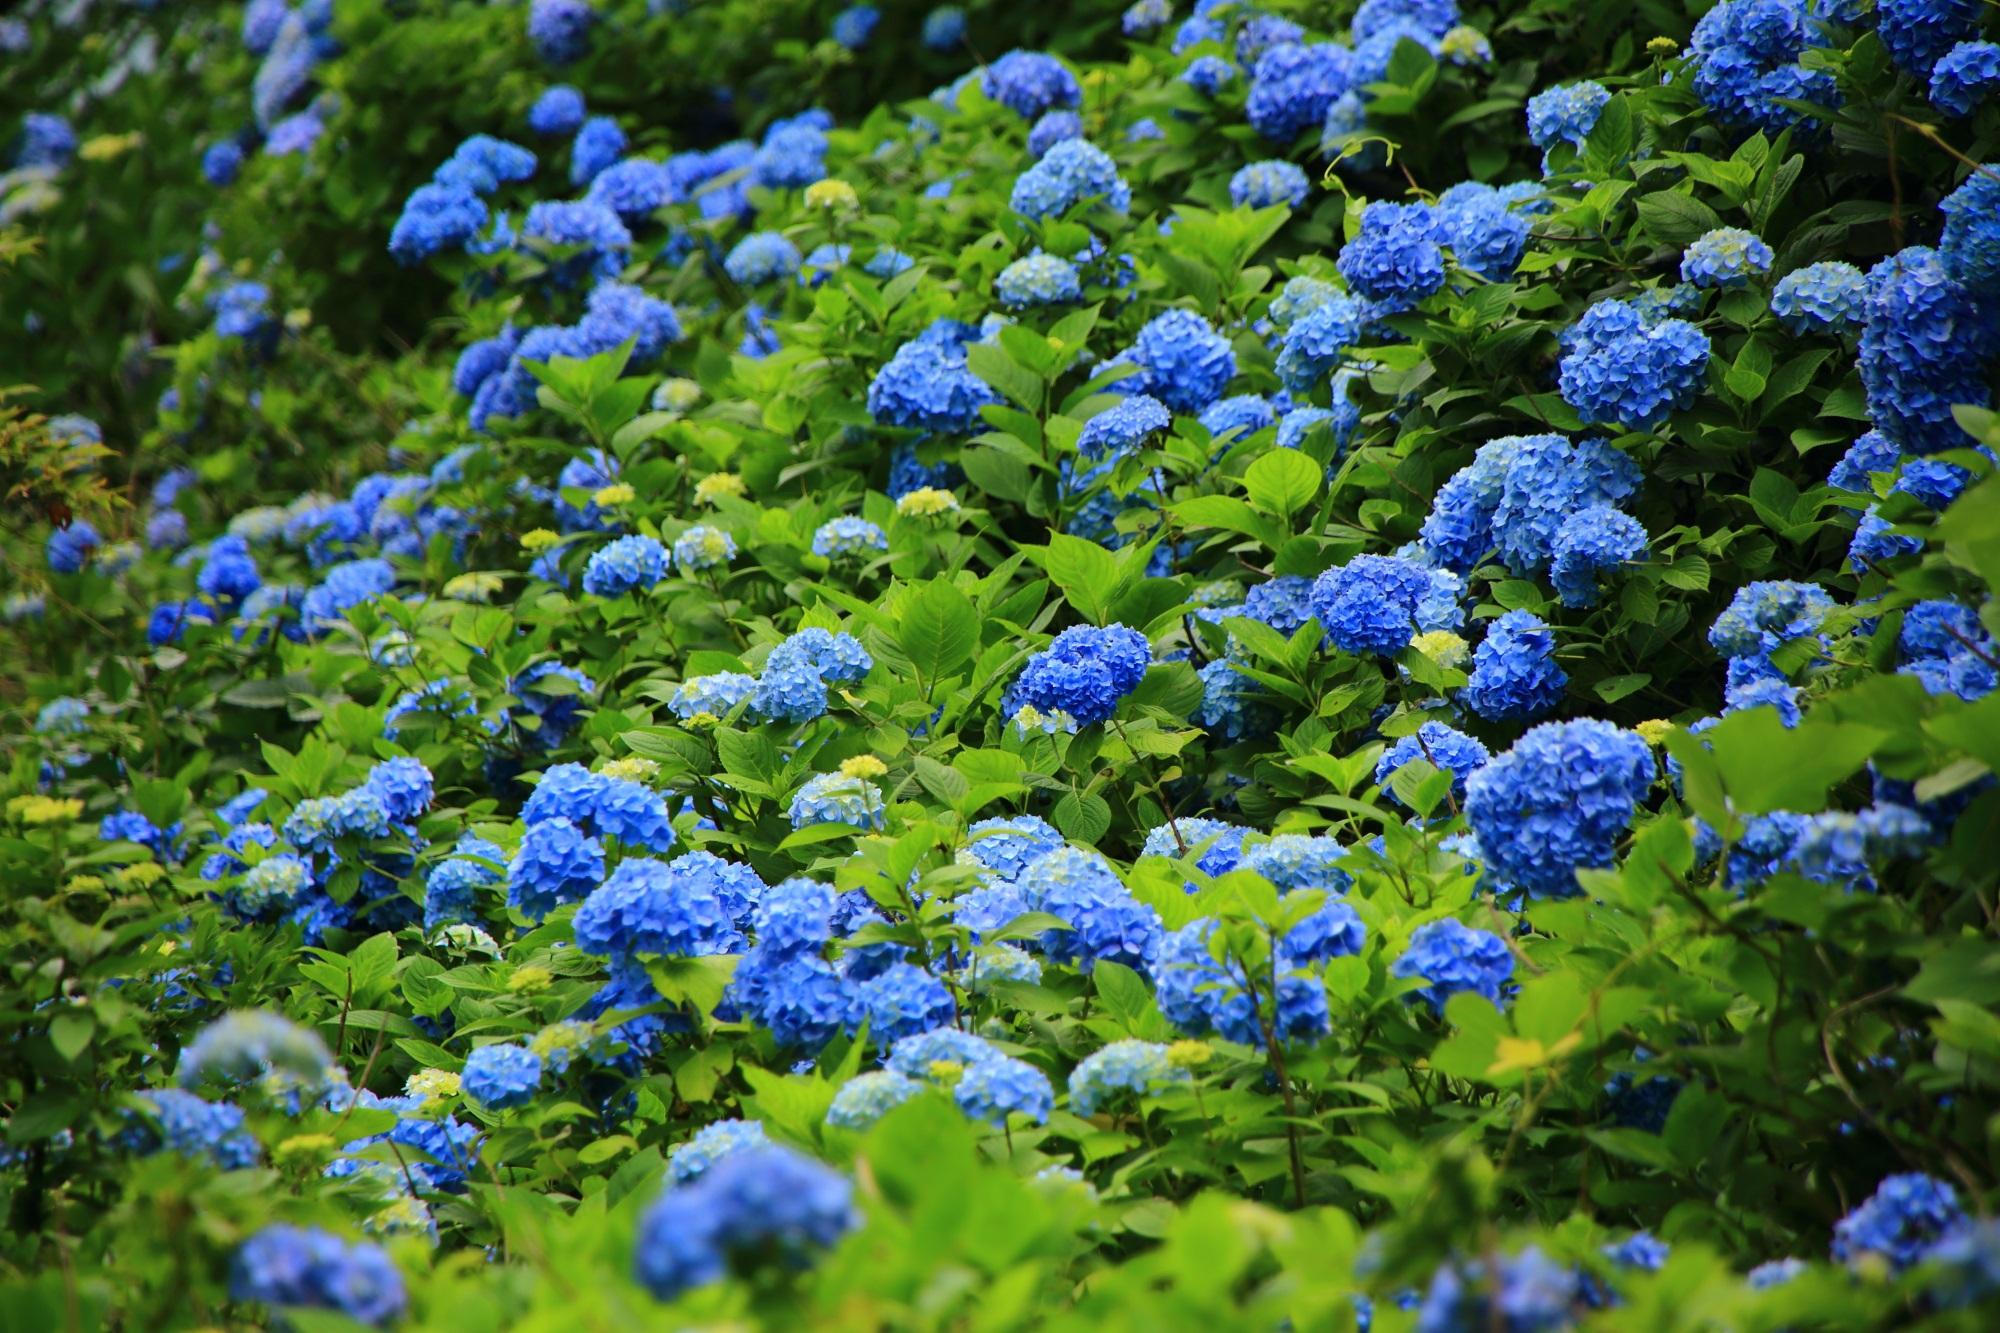 たくさんの濃い色の鮮やかな青い紫陽花